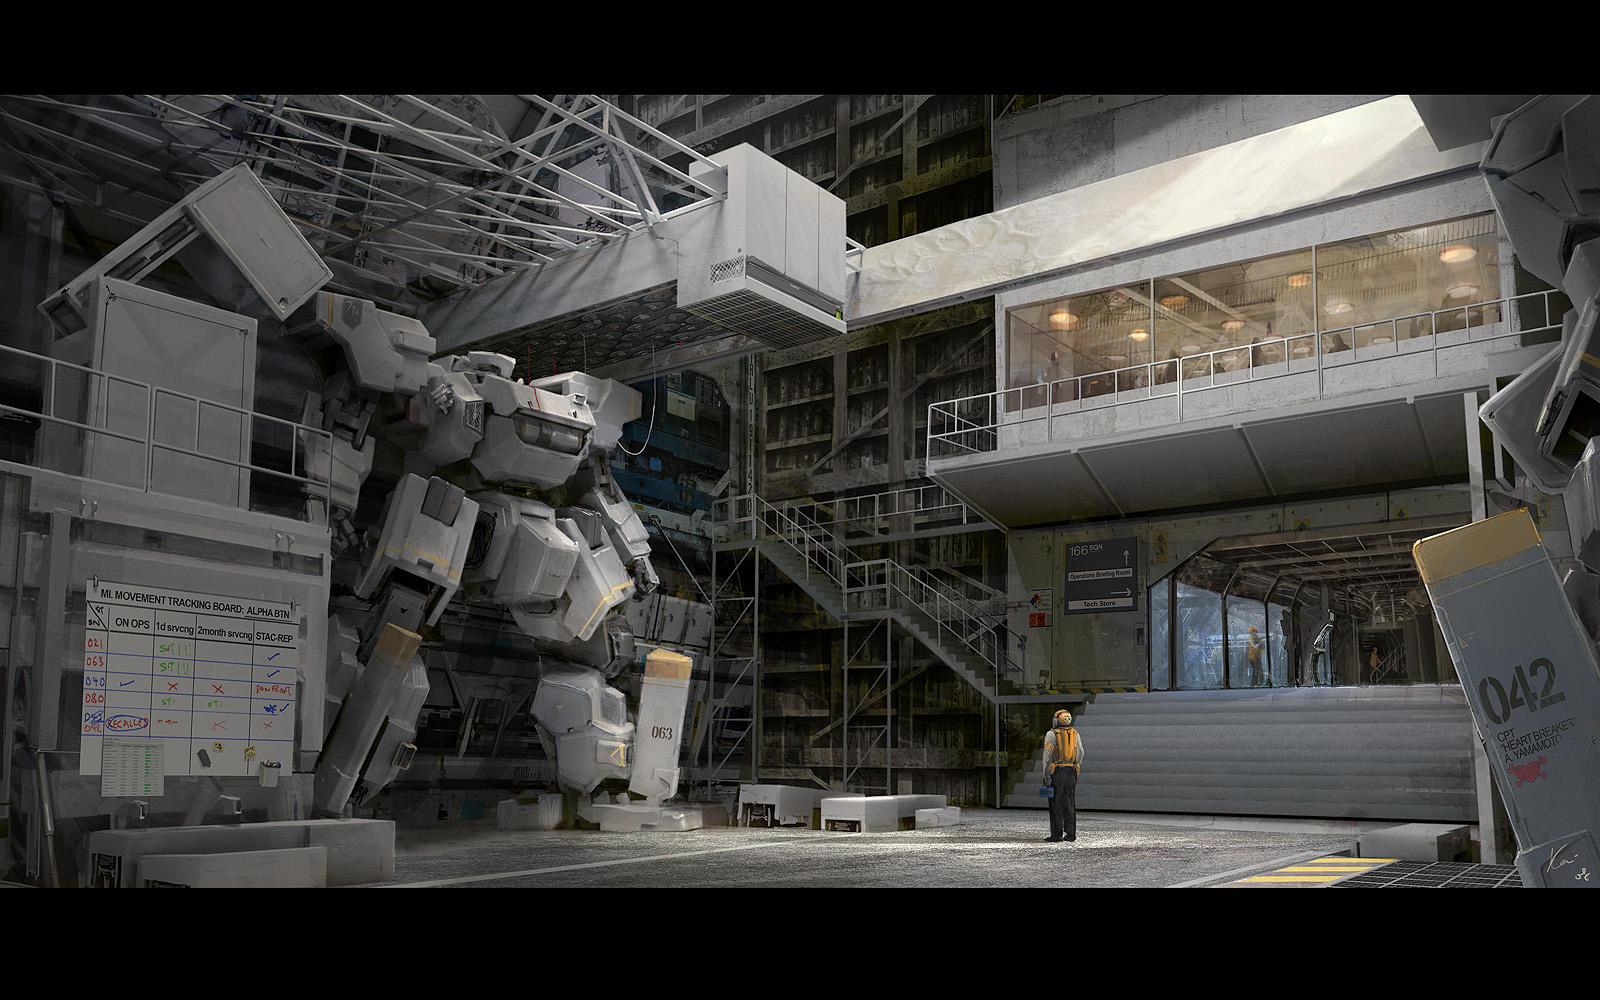 Front Mission: A Moment Alone by ukitakumuki